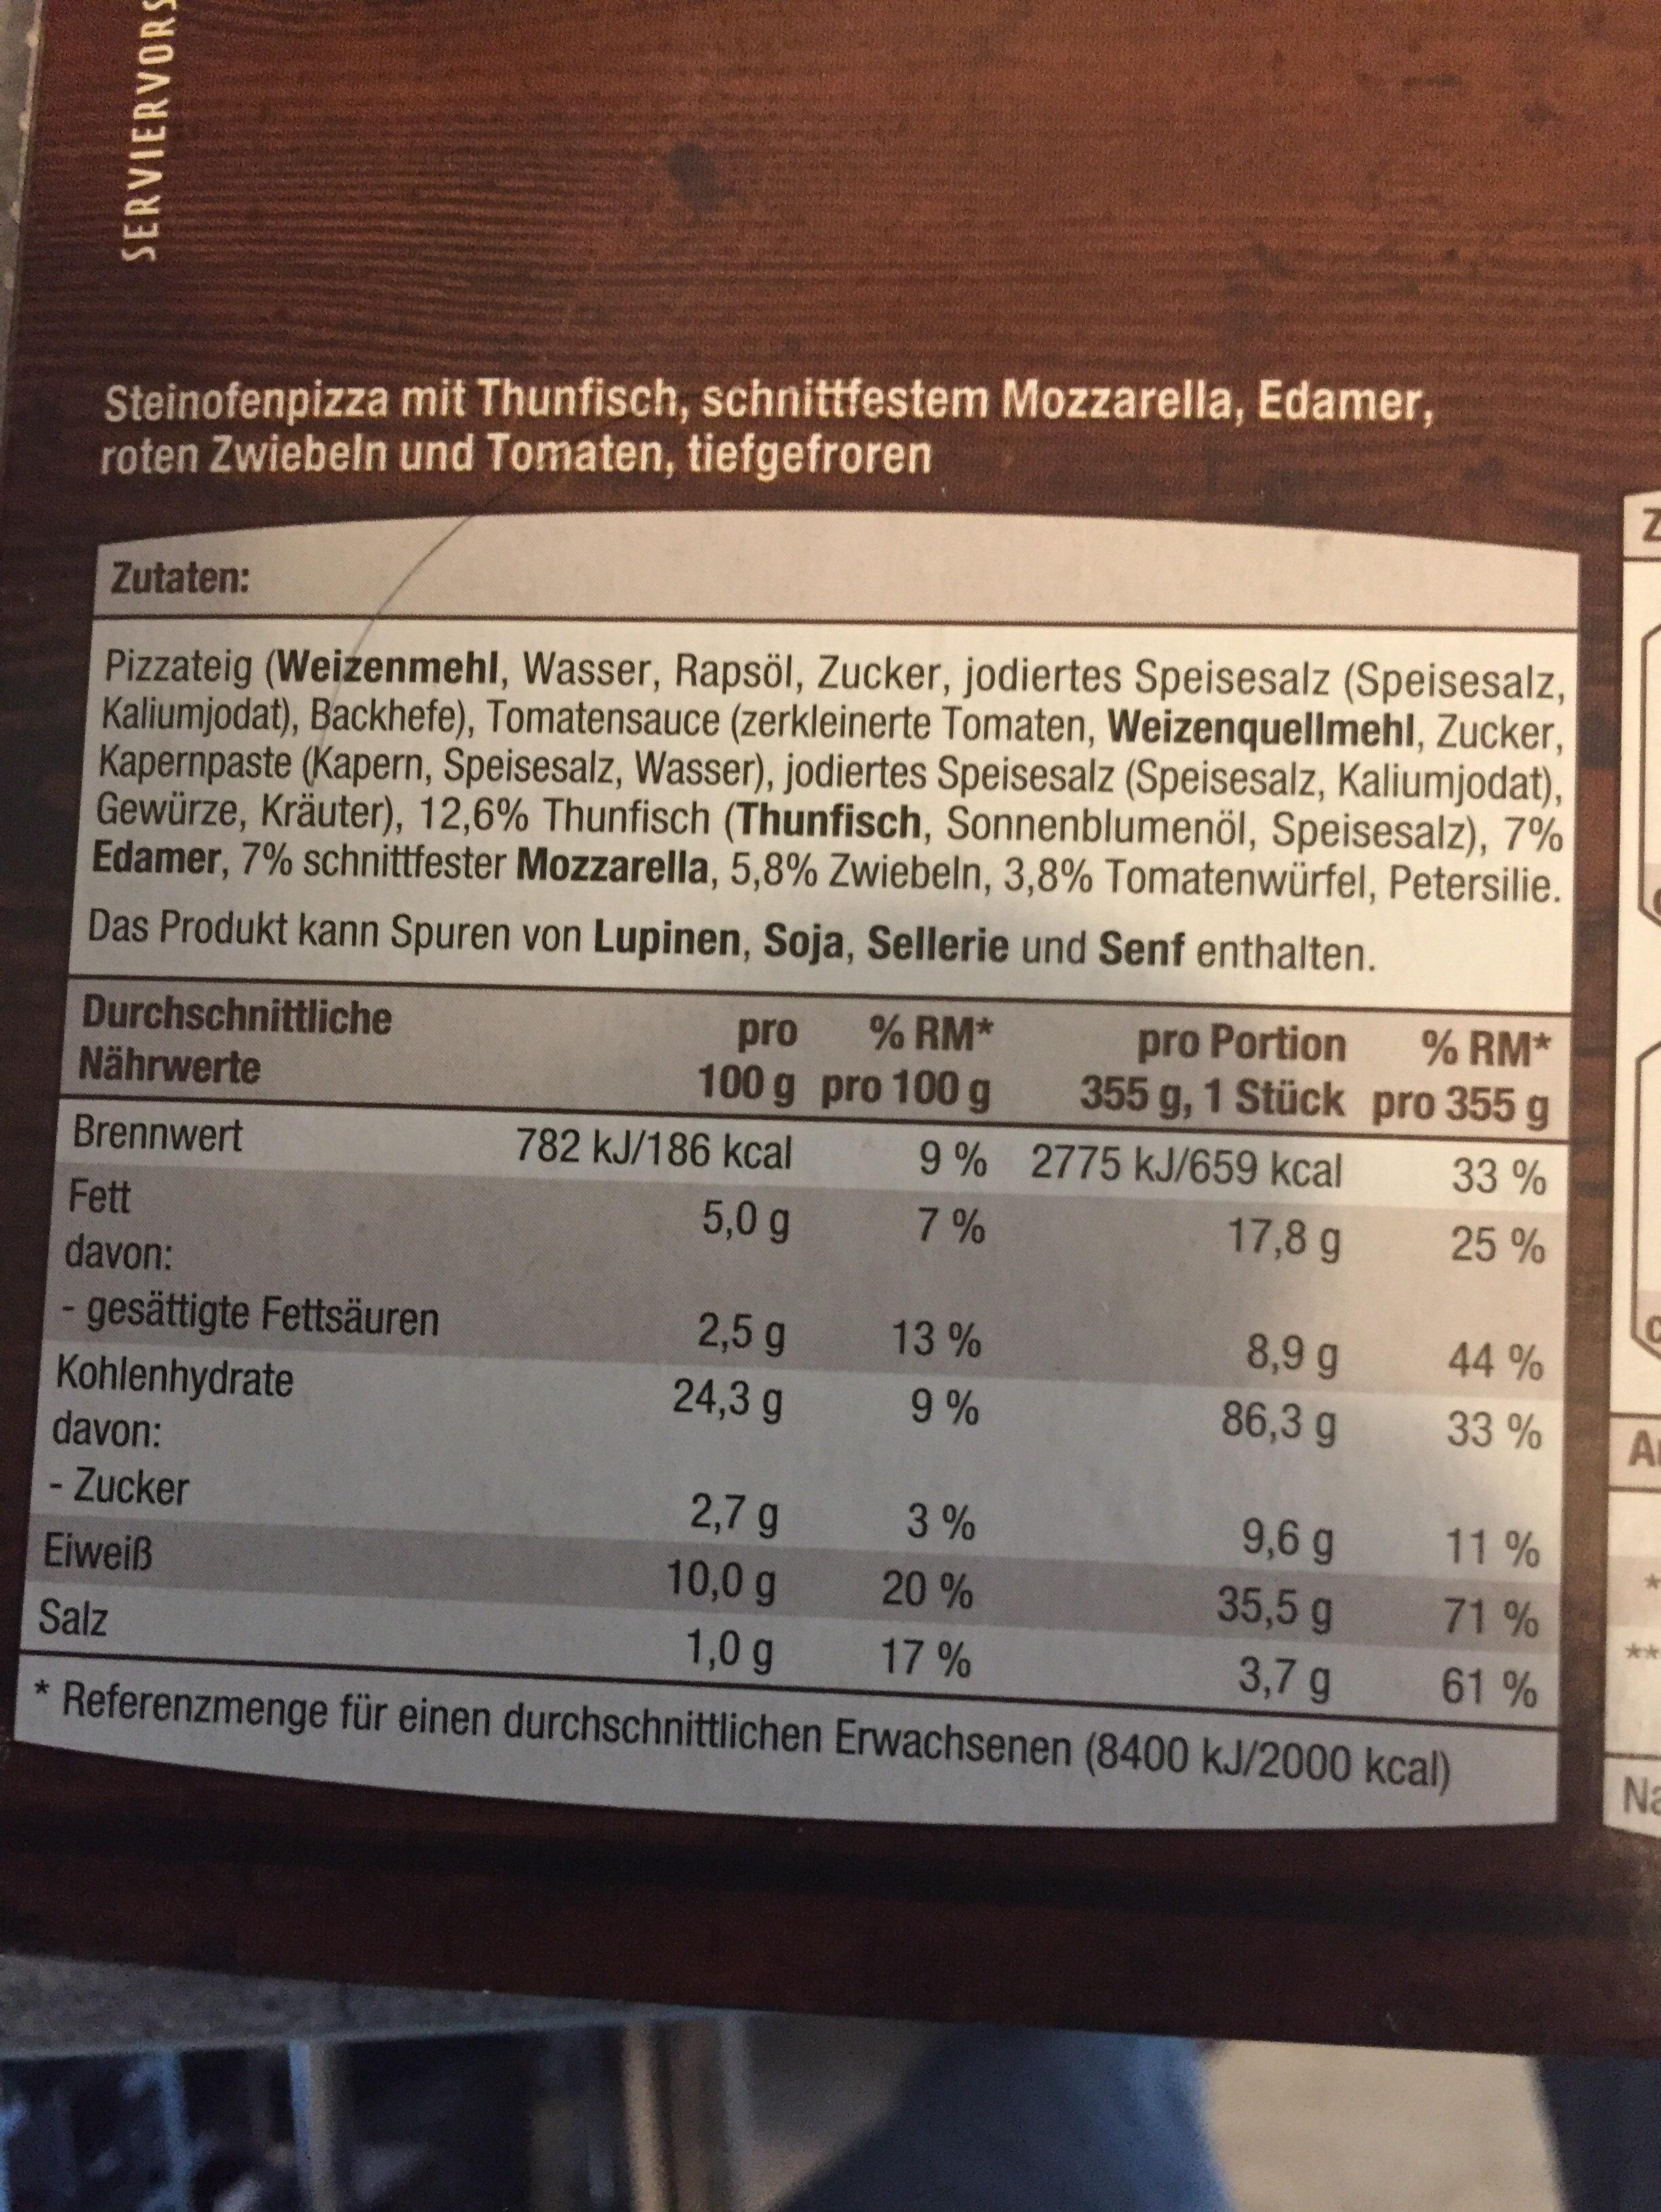 Steinofen Pizza Thunfisch - Ingredients - en